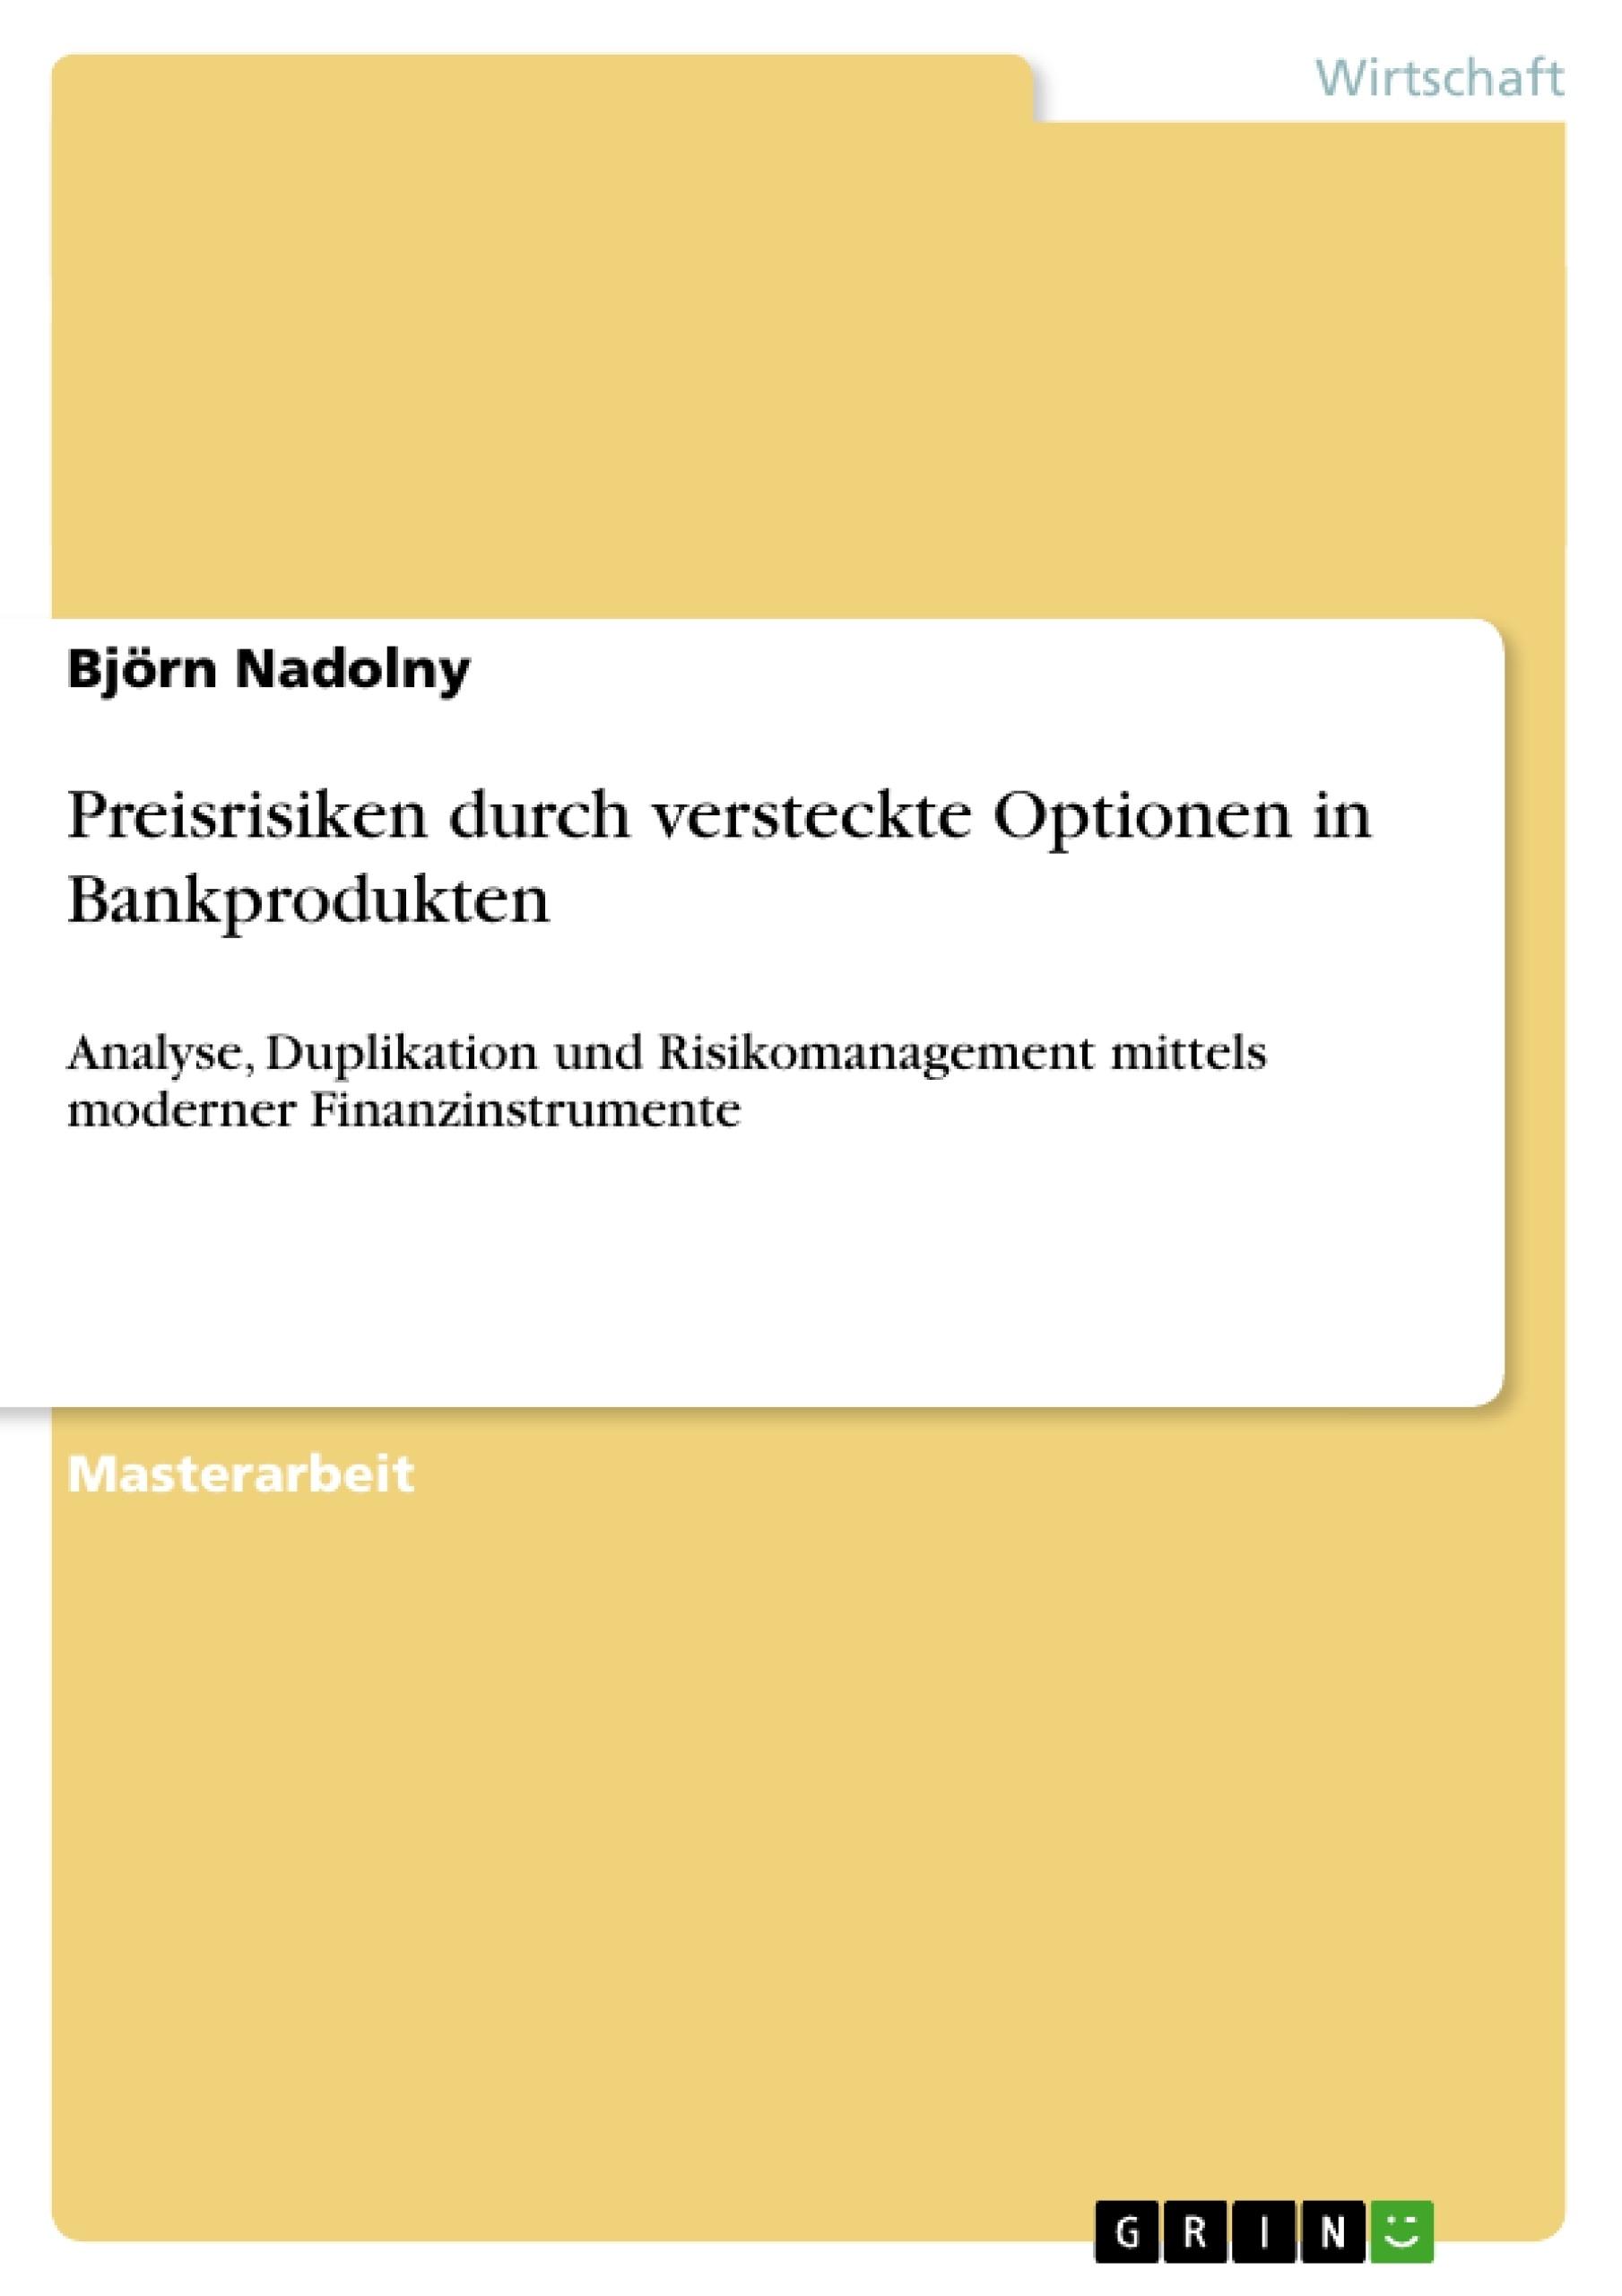 Titel: Preisrisiken durch versteckte Optionen in Bankprodukten